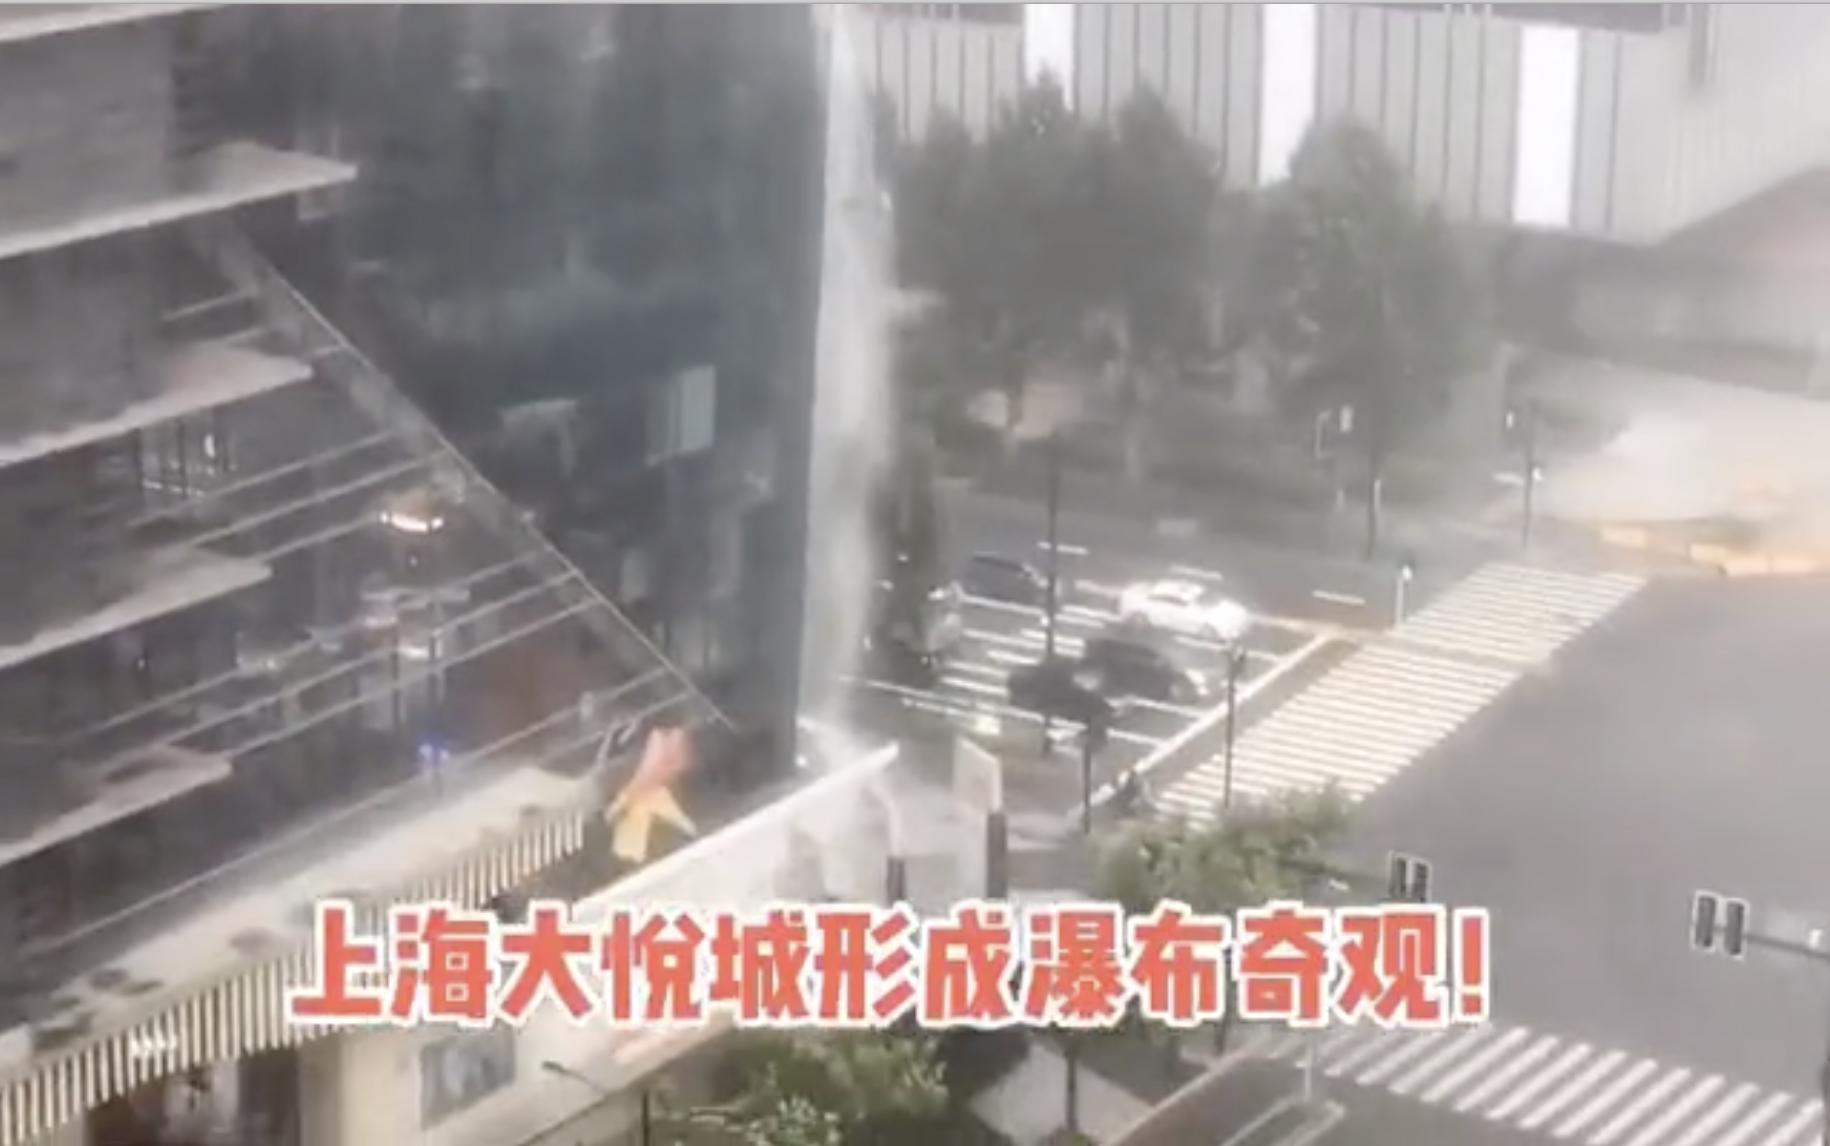 上海購物中心大悅城驚現瀑布。(影片截圖)